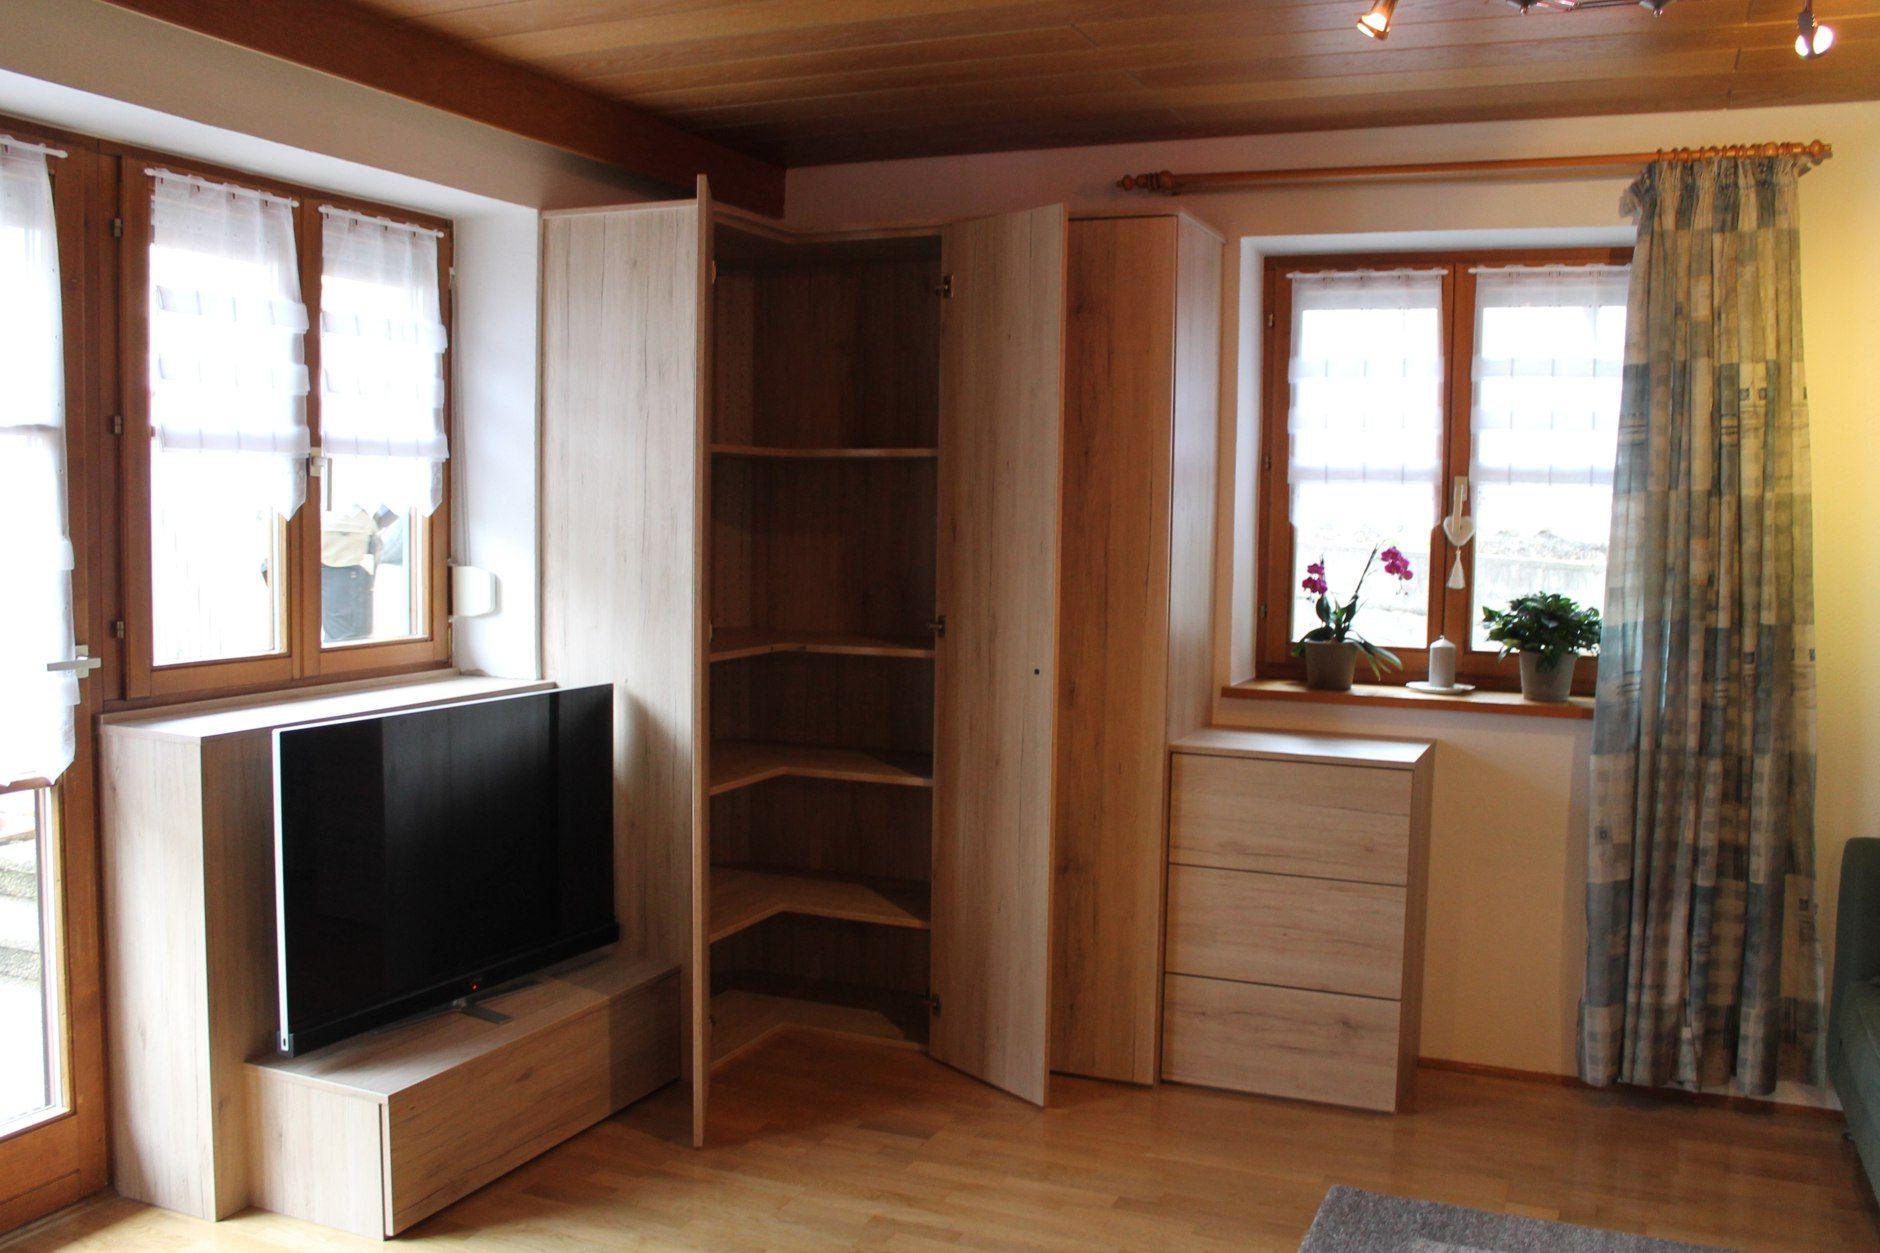 schlafzimmer eckschrank kombination \u2013 Deutsche Dekor